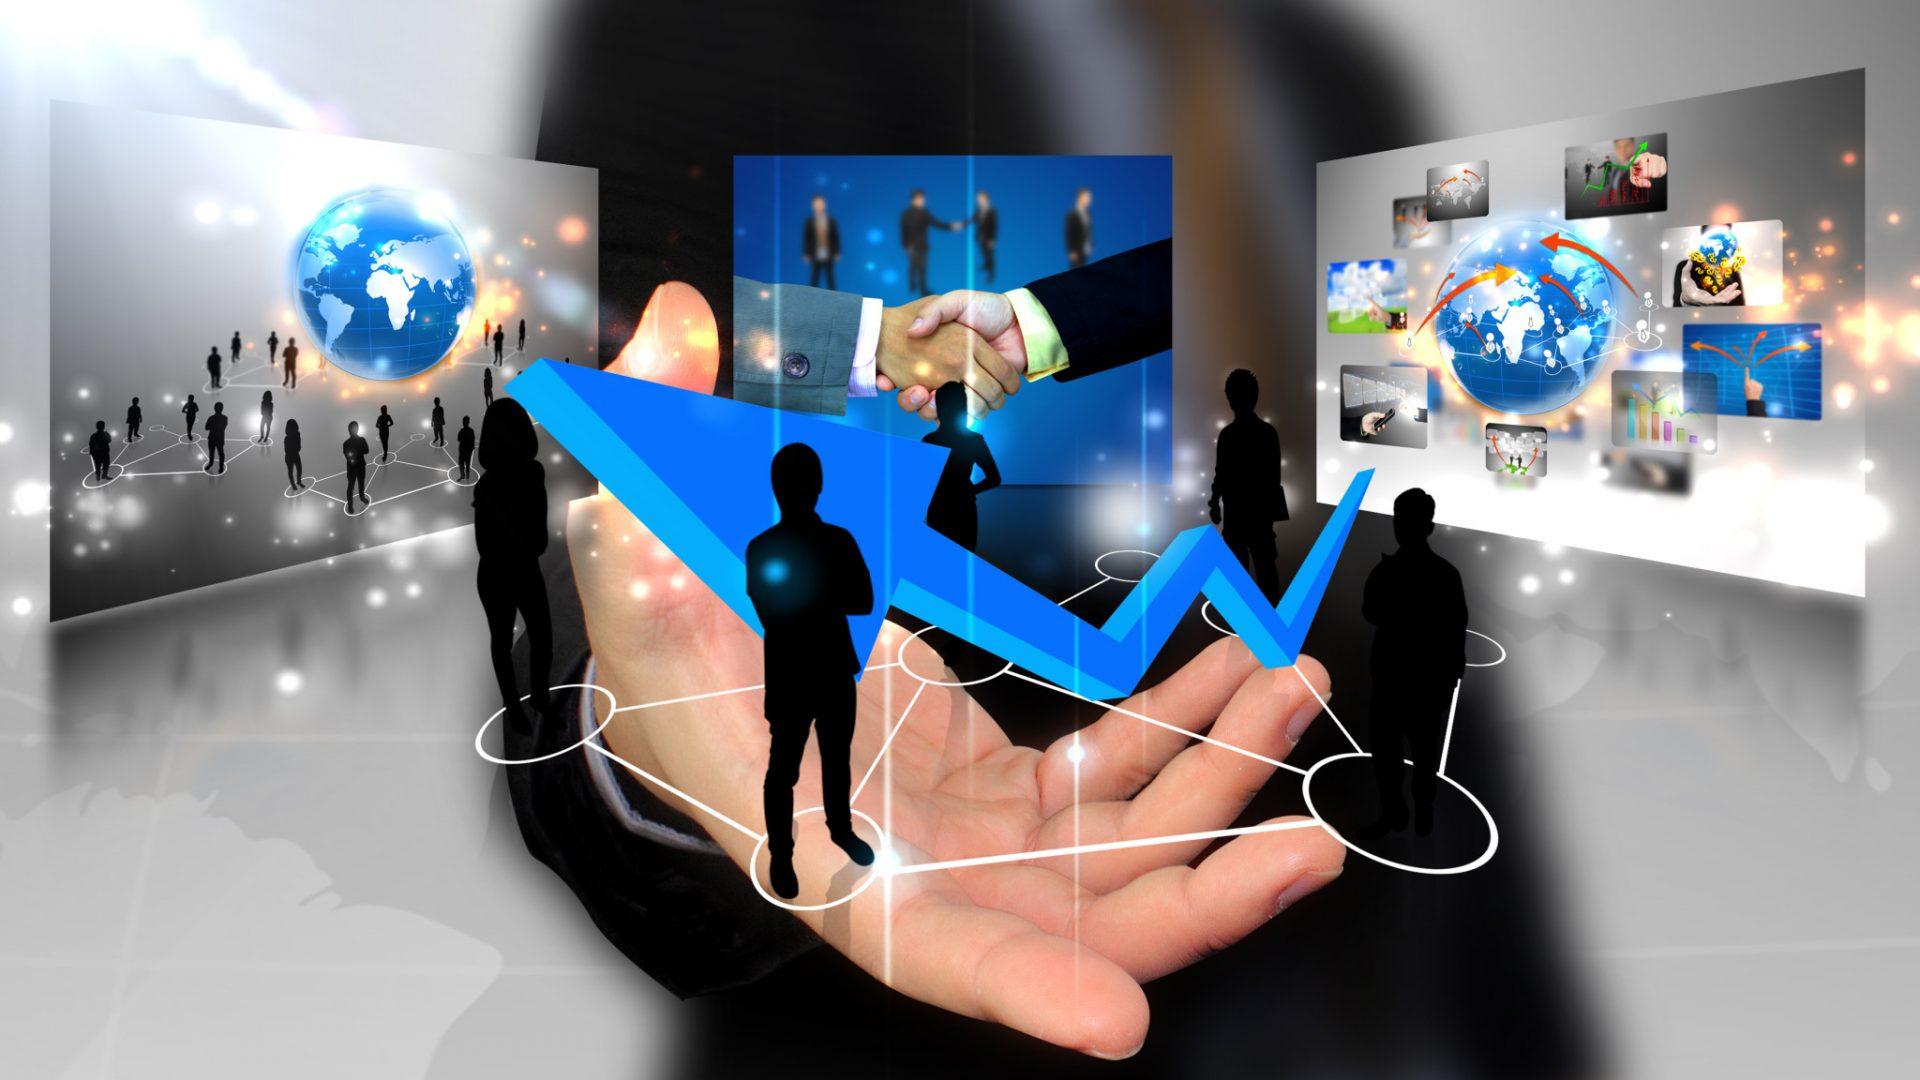 Jalisco asegura su avance en el futuro de la tecnología